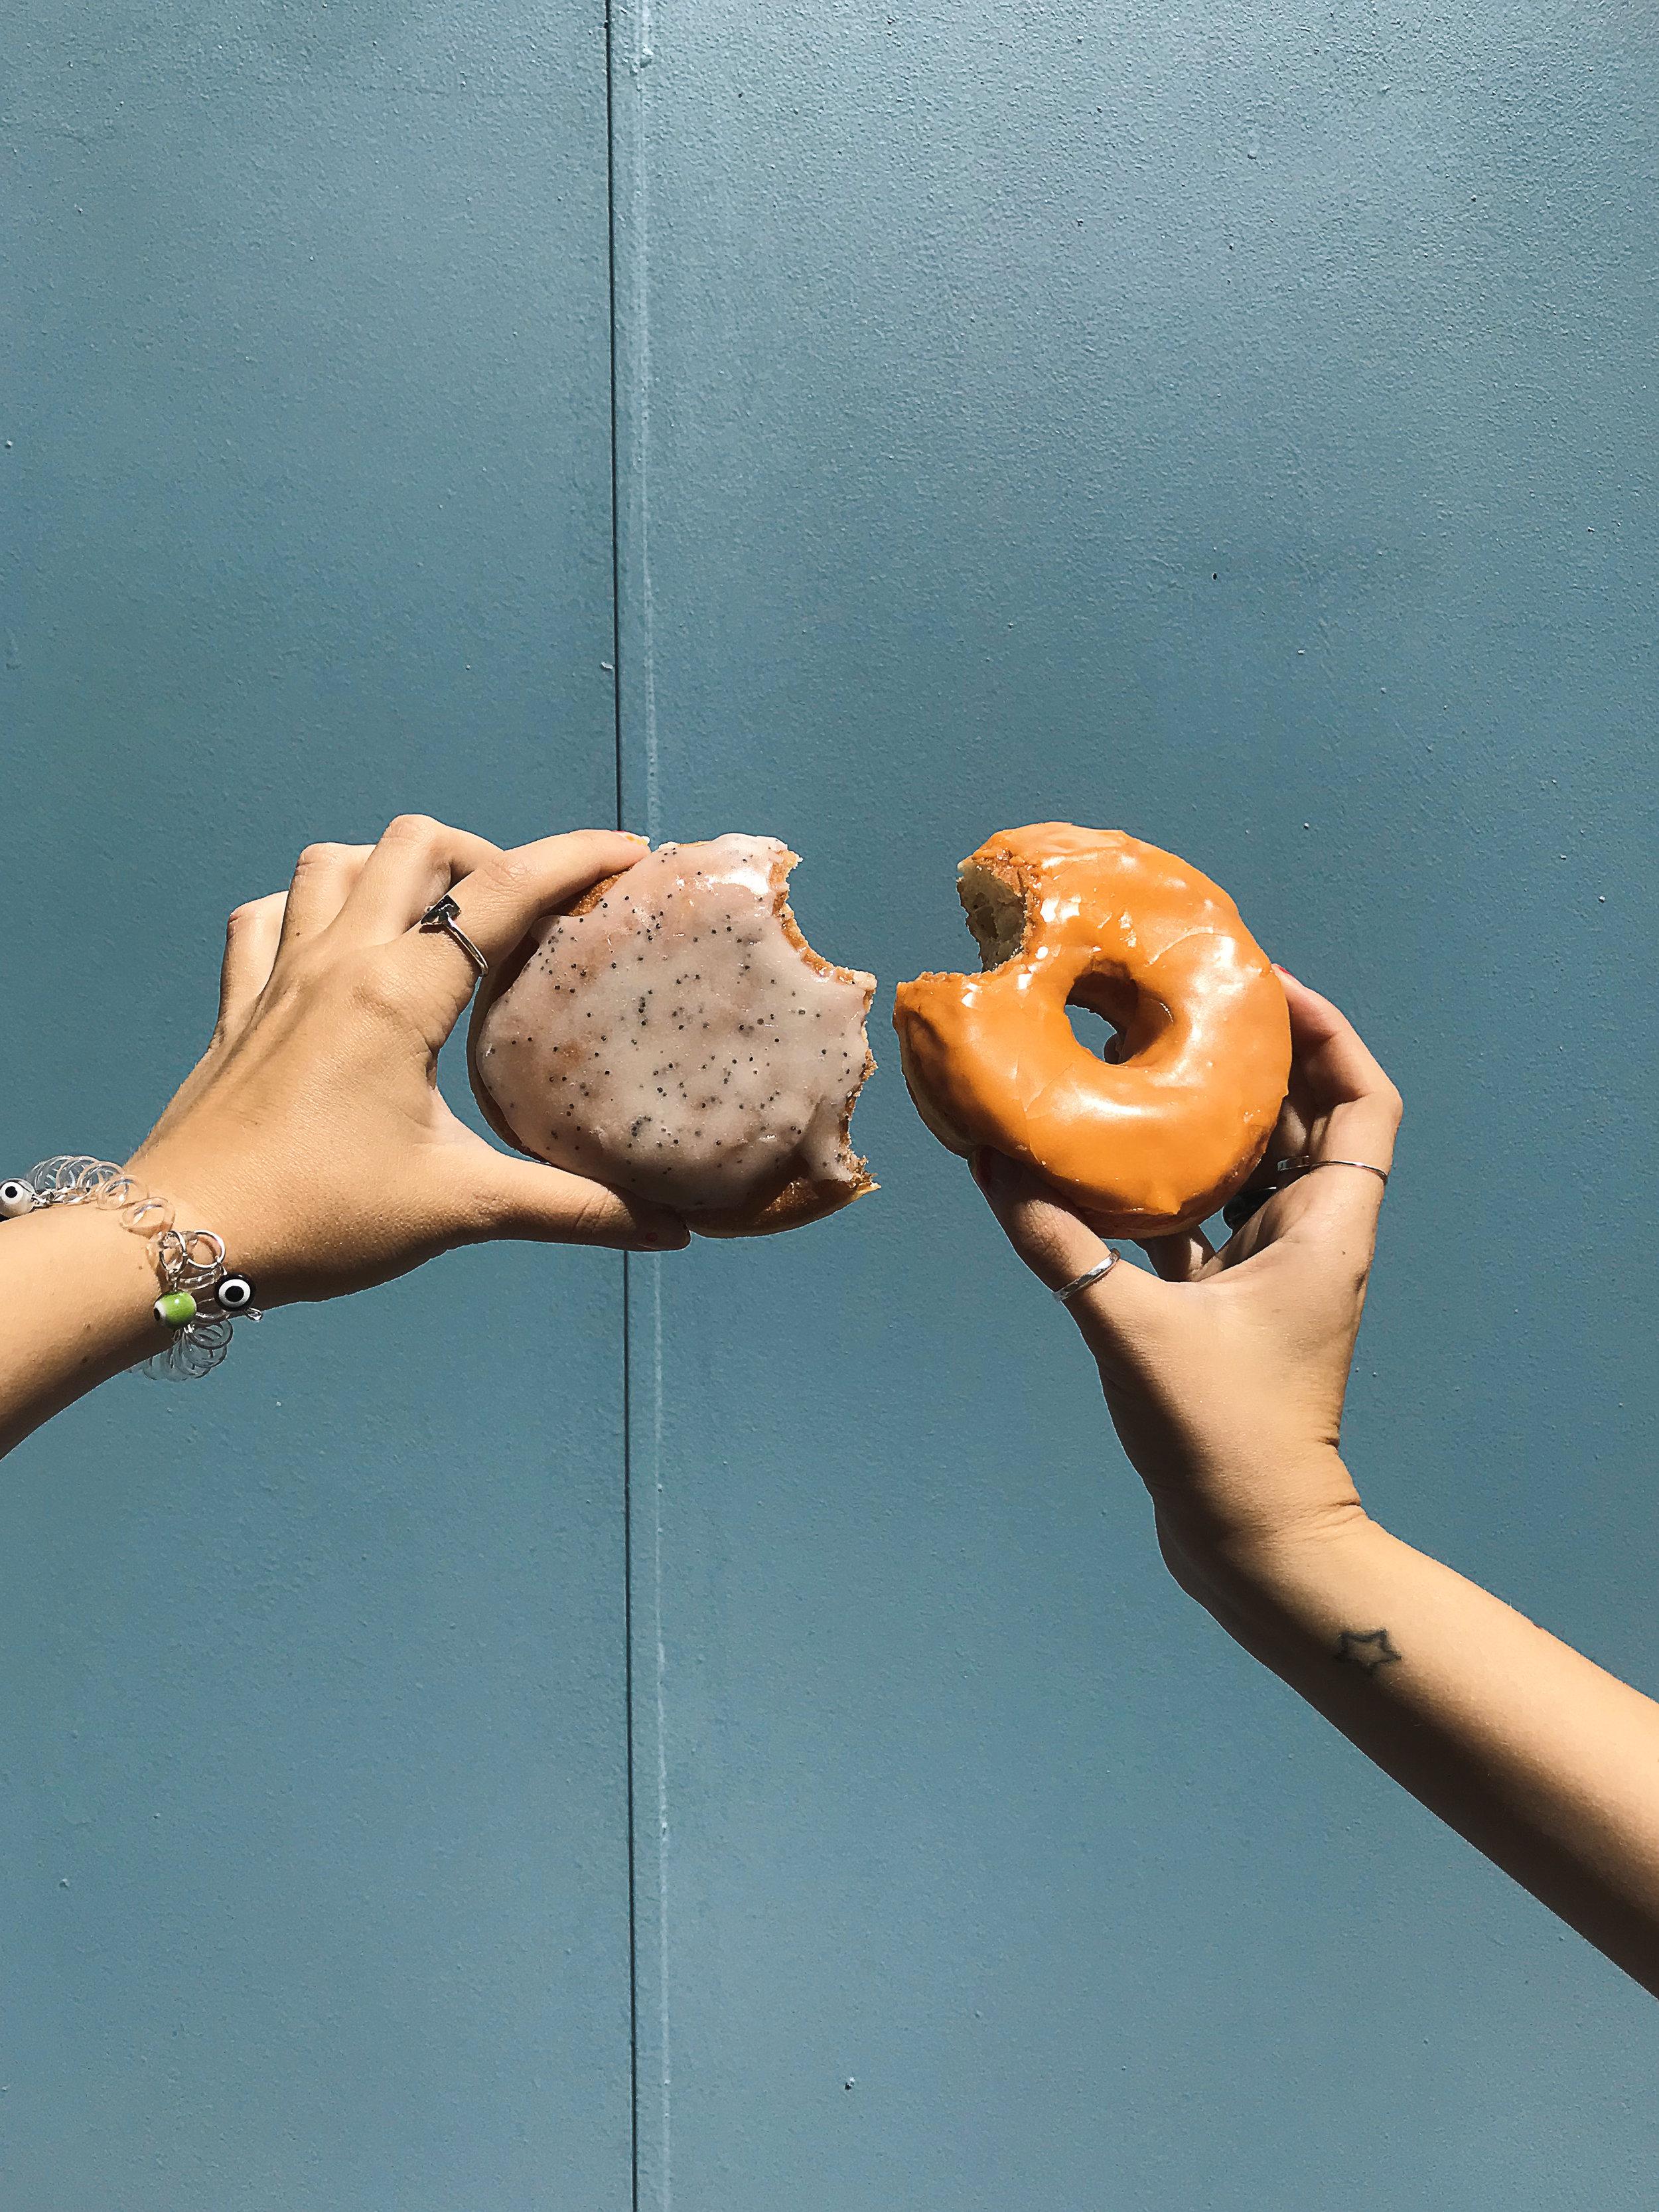 Dottie's-Donuts-Vegan.jpg